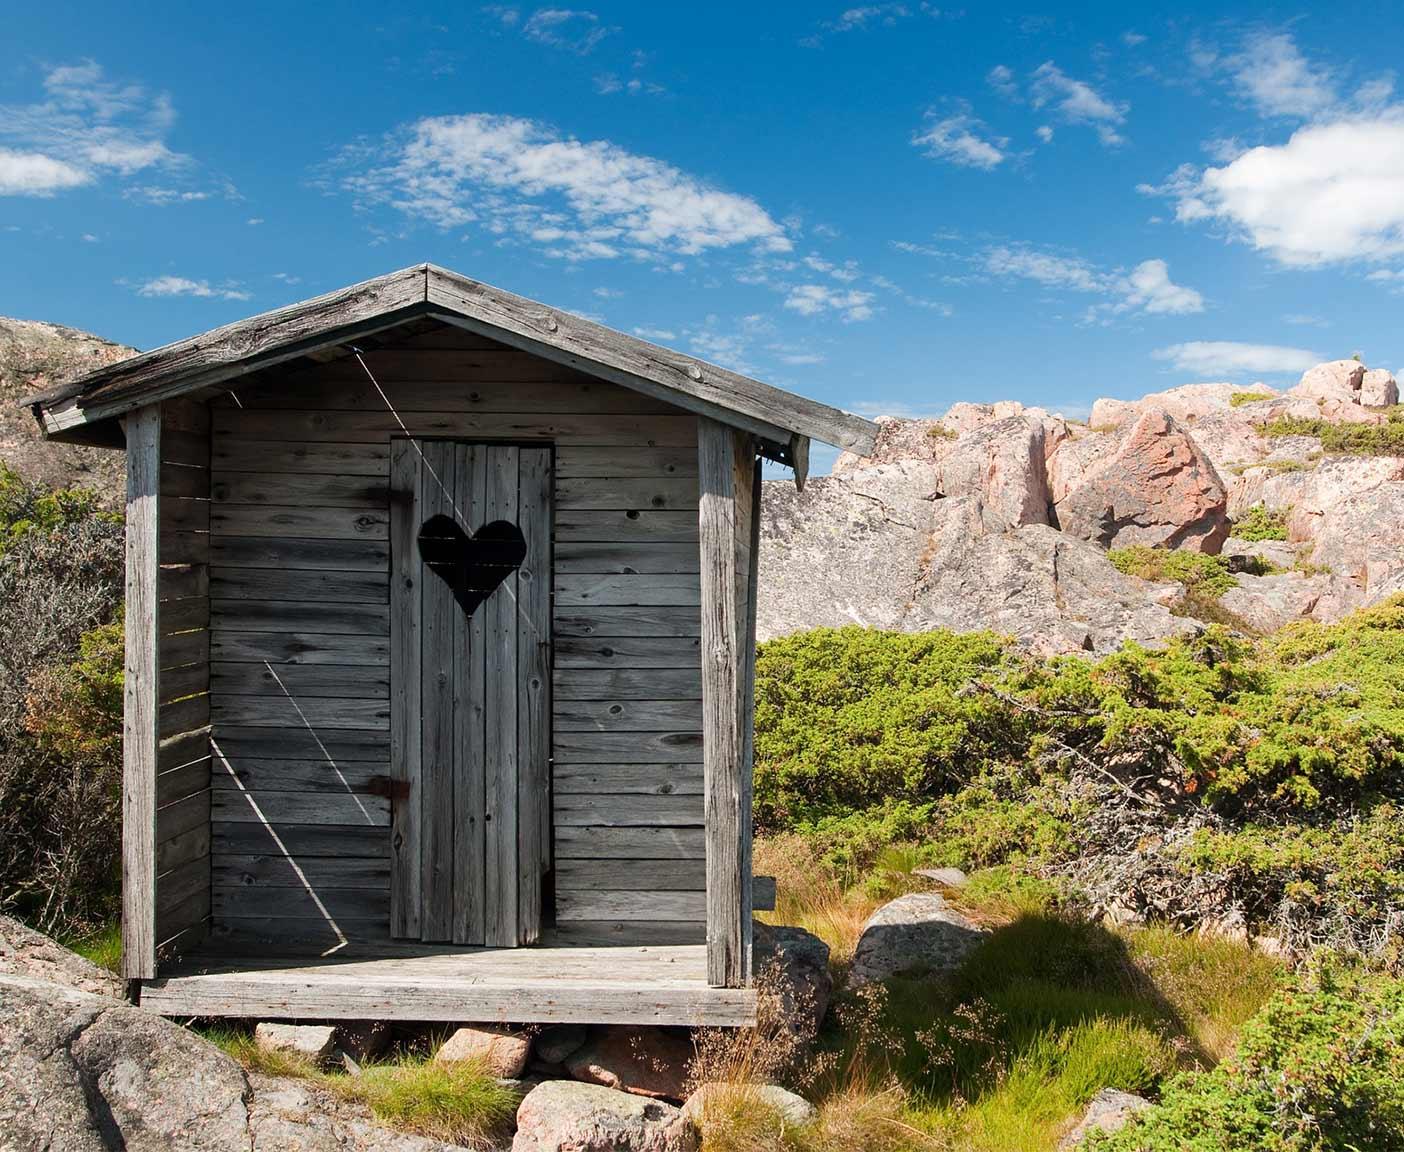 Klohaus aus Holz mit Herz eingeschnitzt in einer schönen Berglandschaft in der Natur, Campingtoiletten PaulCamper